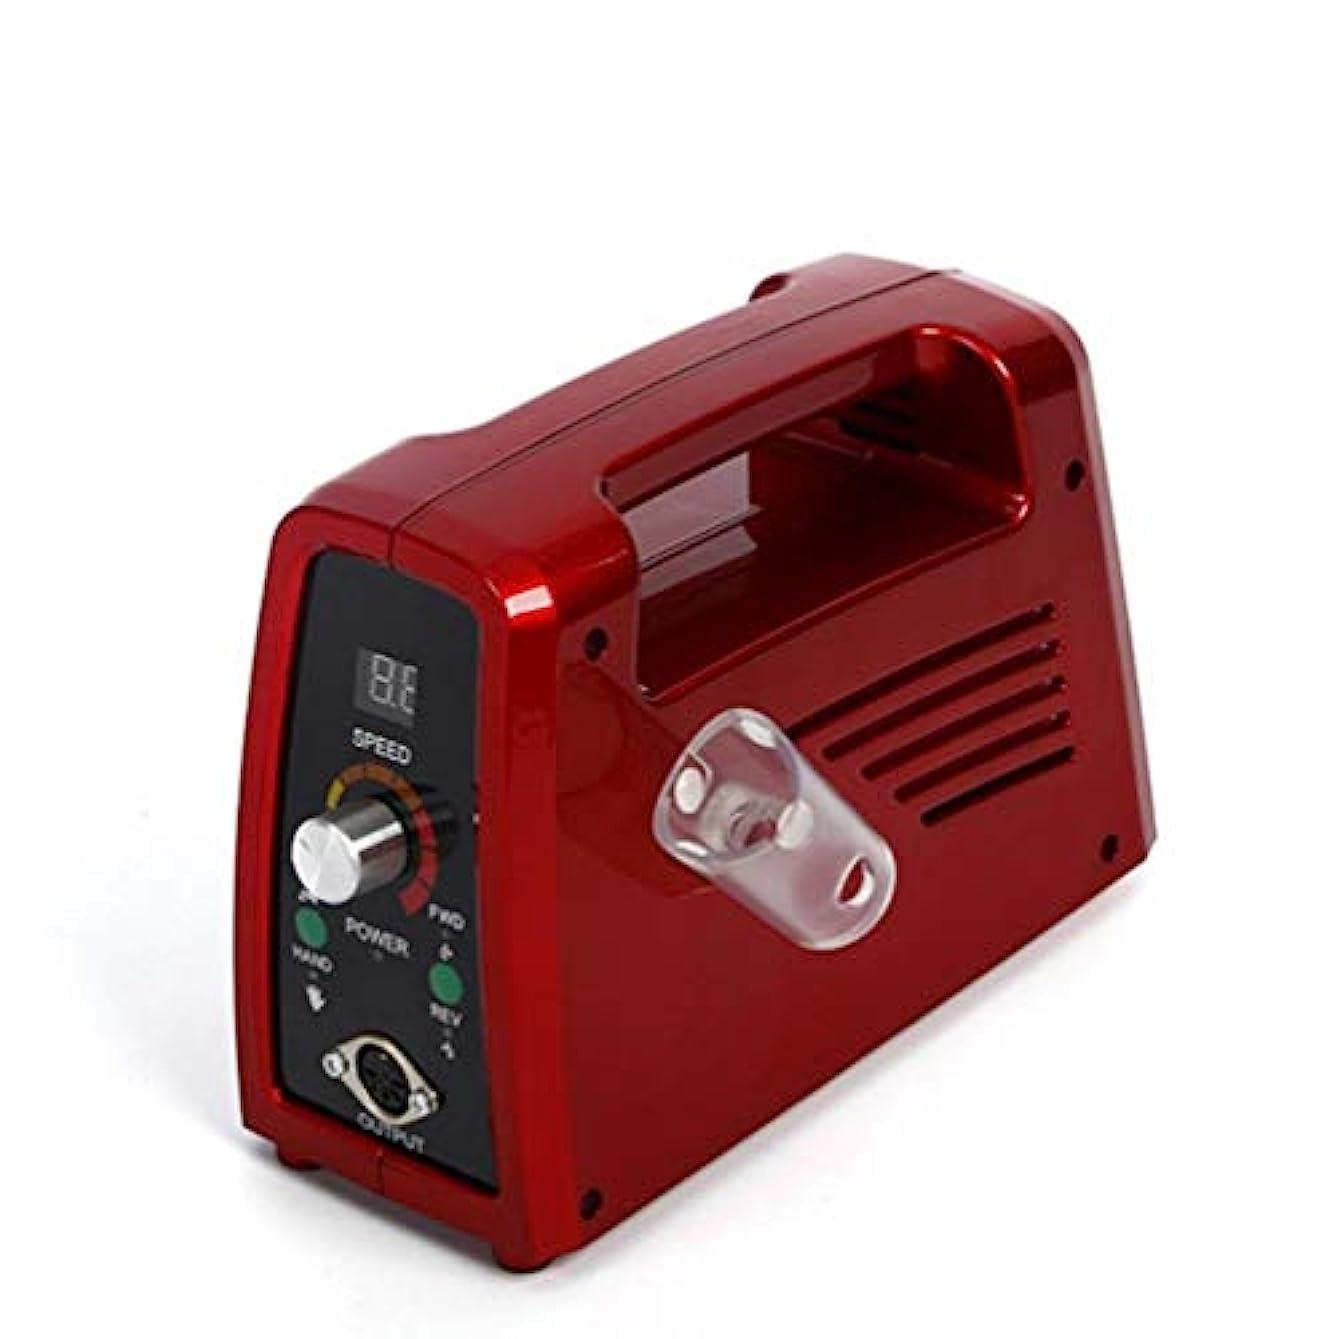 クリープ宅配便近傍電気35000 rpmネイルドリルプロフェッショナルネイルファイル用アクリルネイル彫刻マニキュアペディキュアマシンニスネイルポリッシャードリルビット液晶ディスプレイ